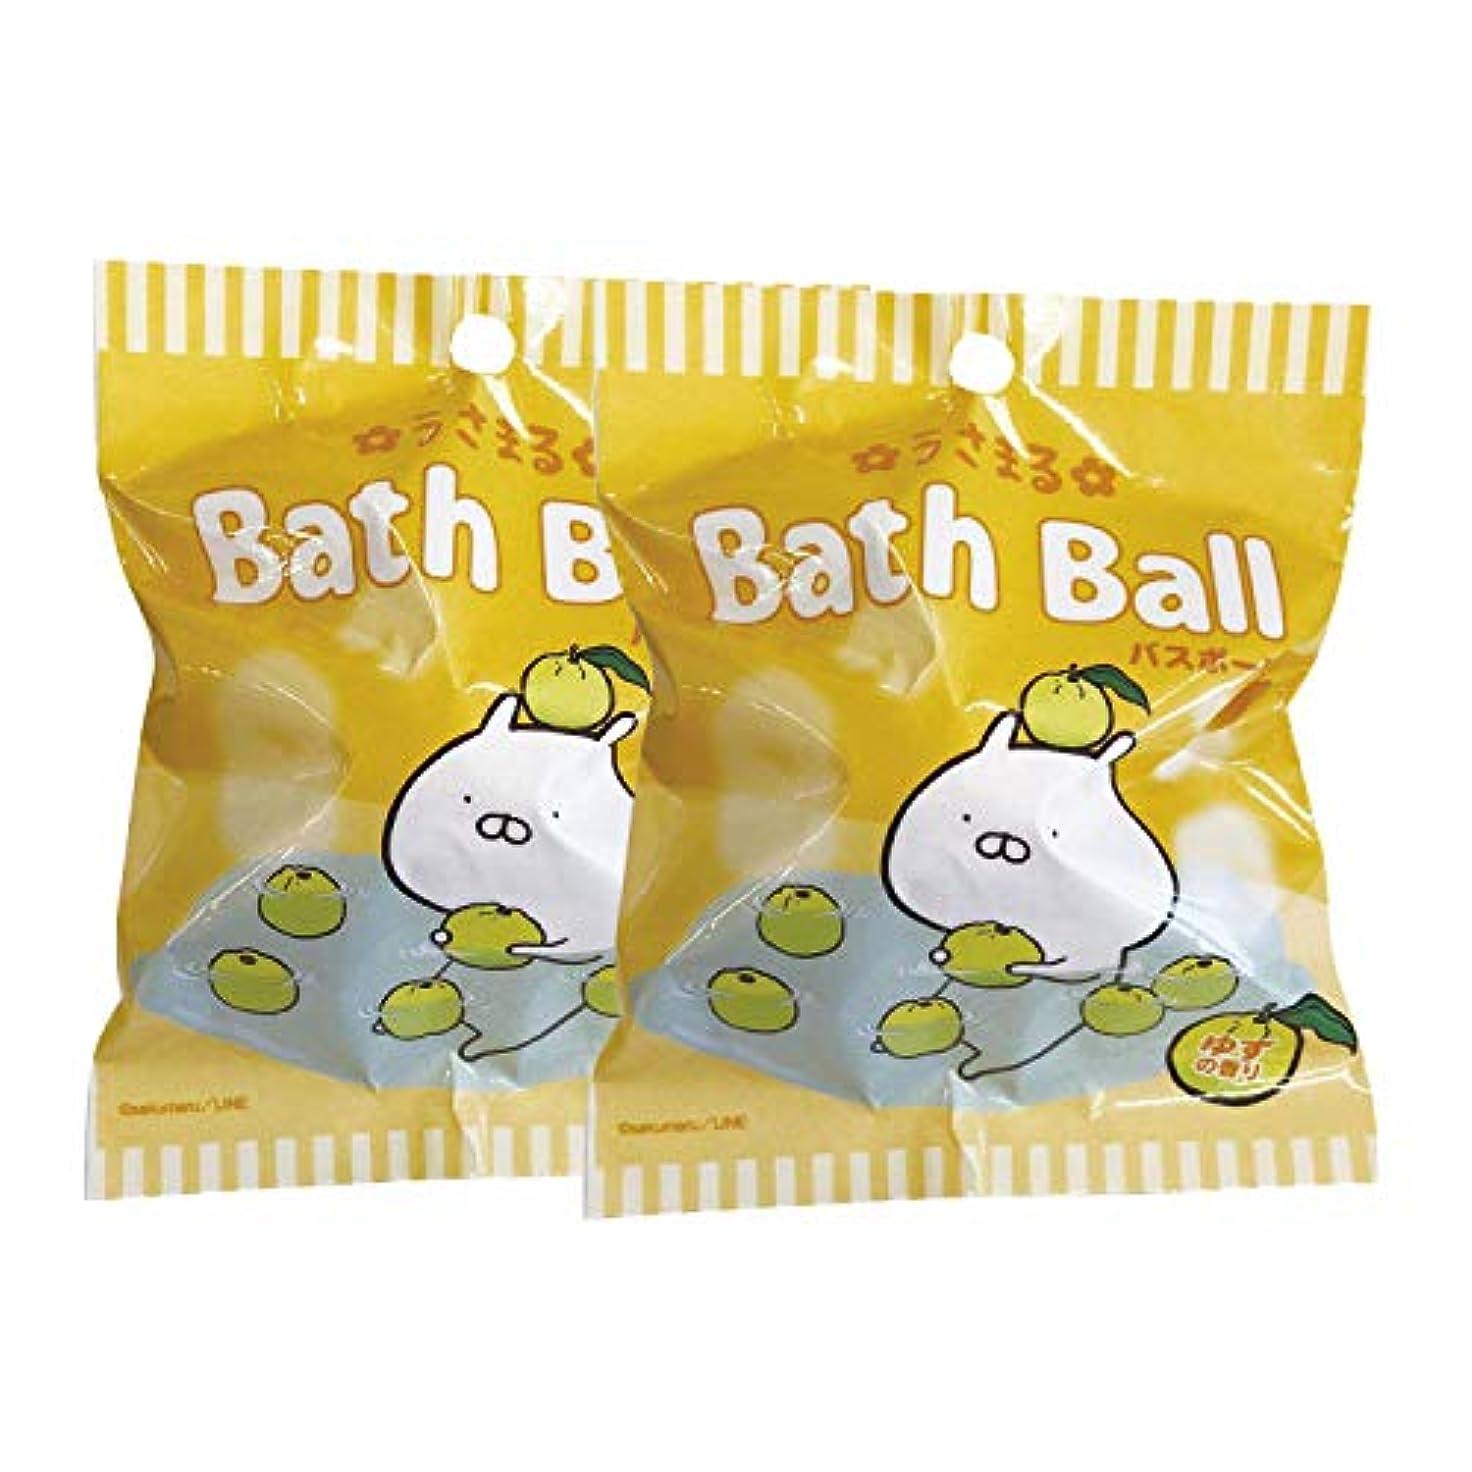 うさまる 入浴剤 バスボール 2個セット おまけ付き ゆずの香り 60g ABD-020-001